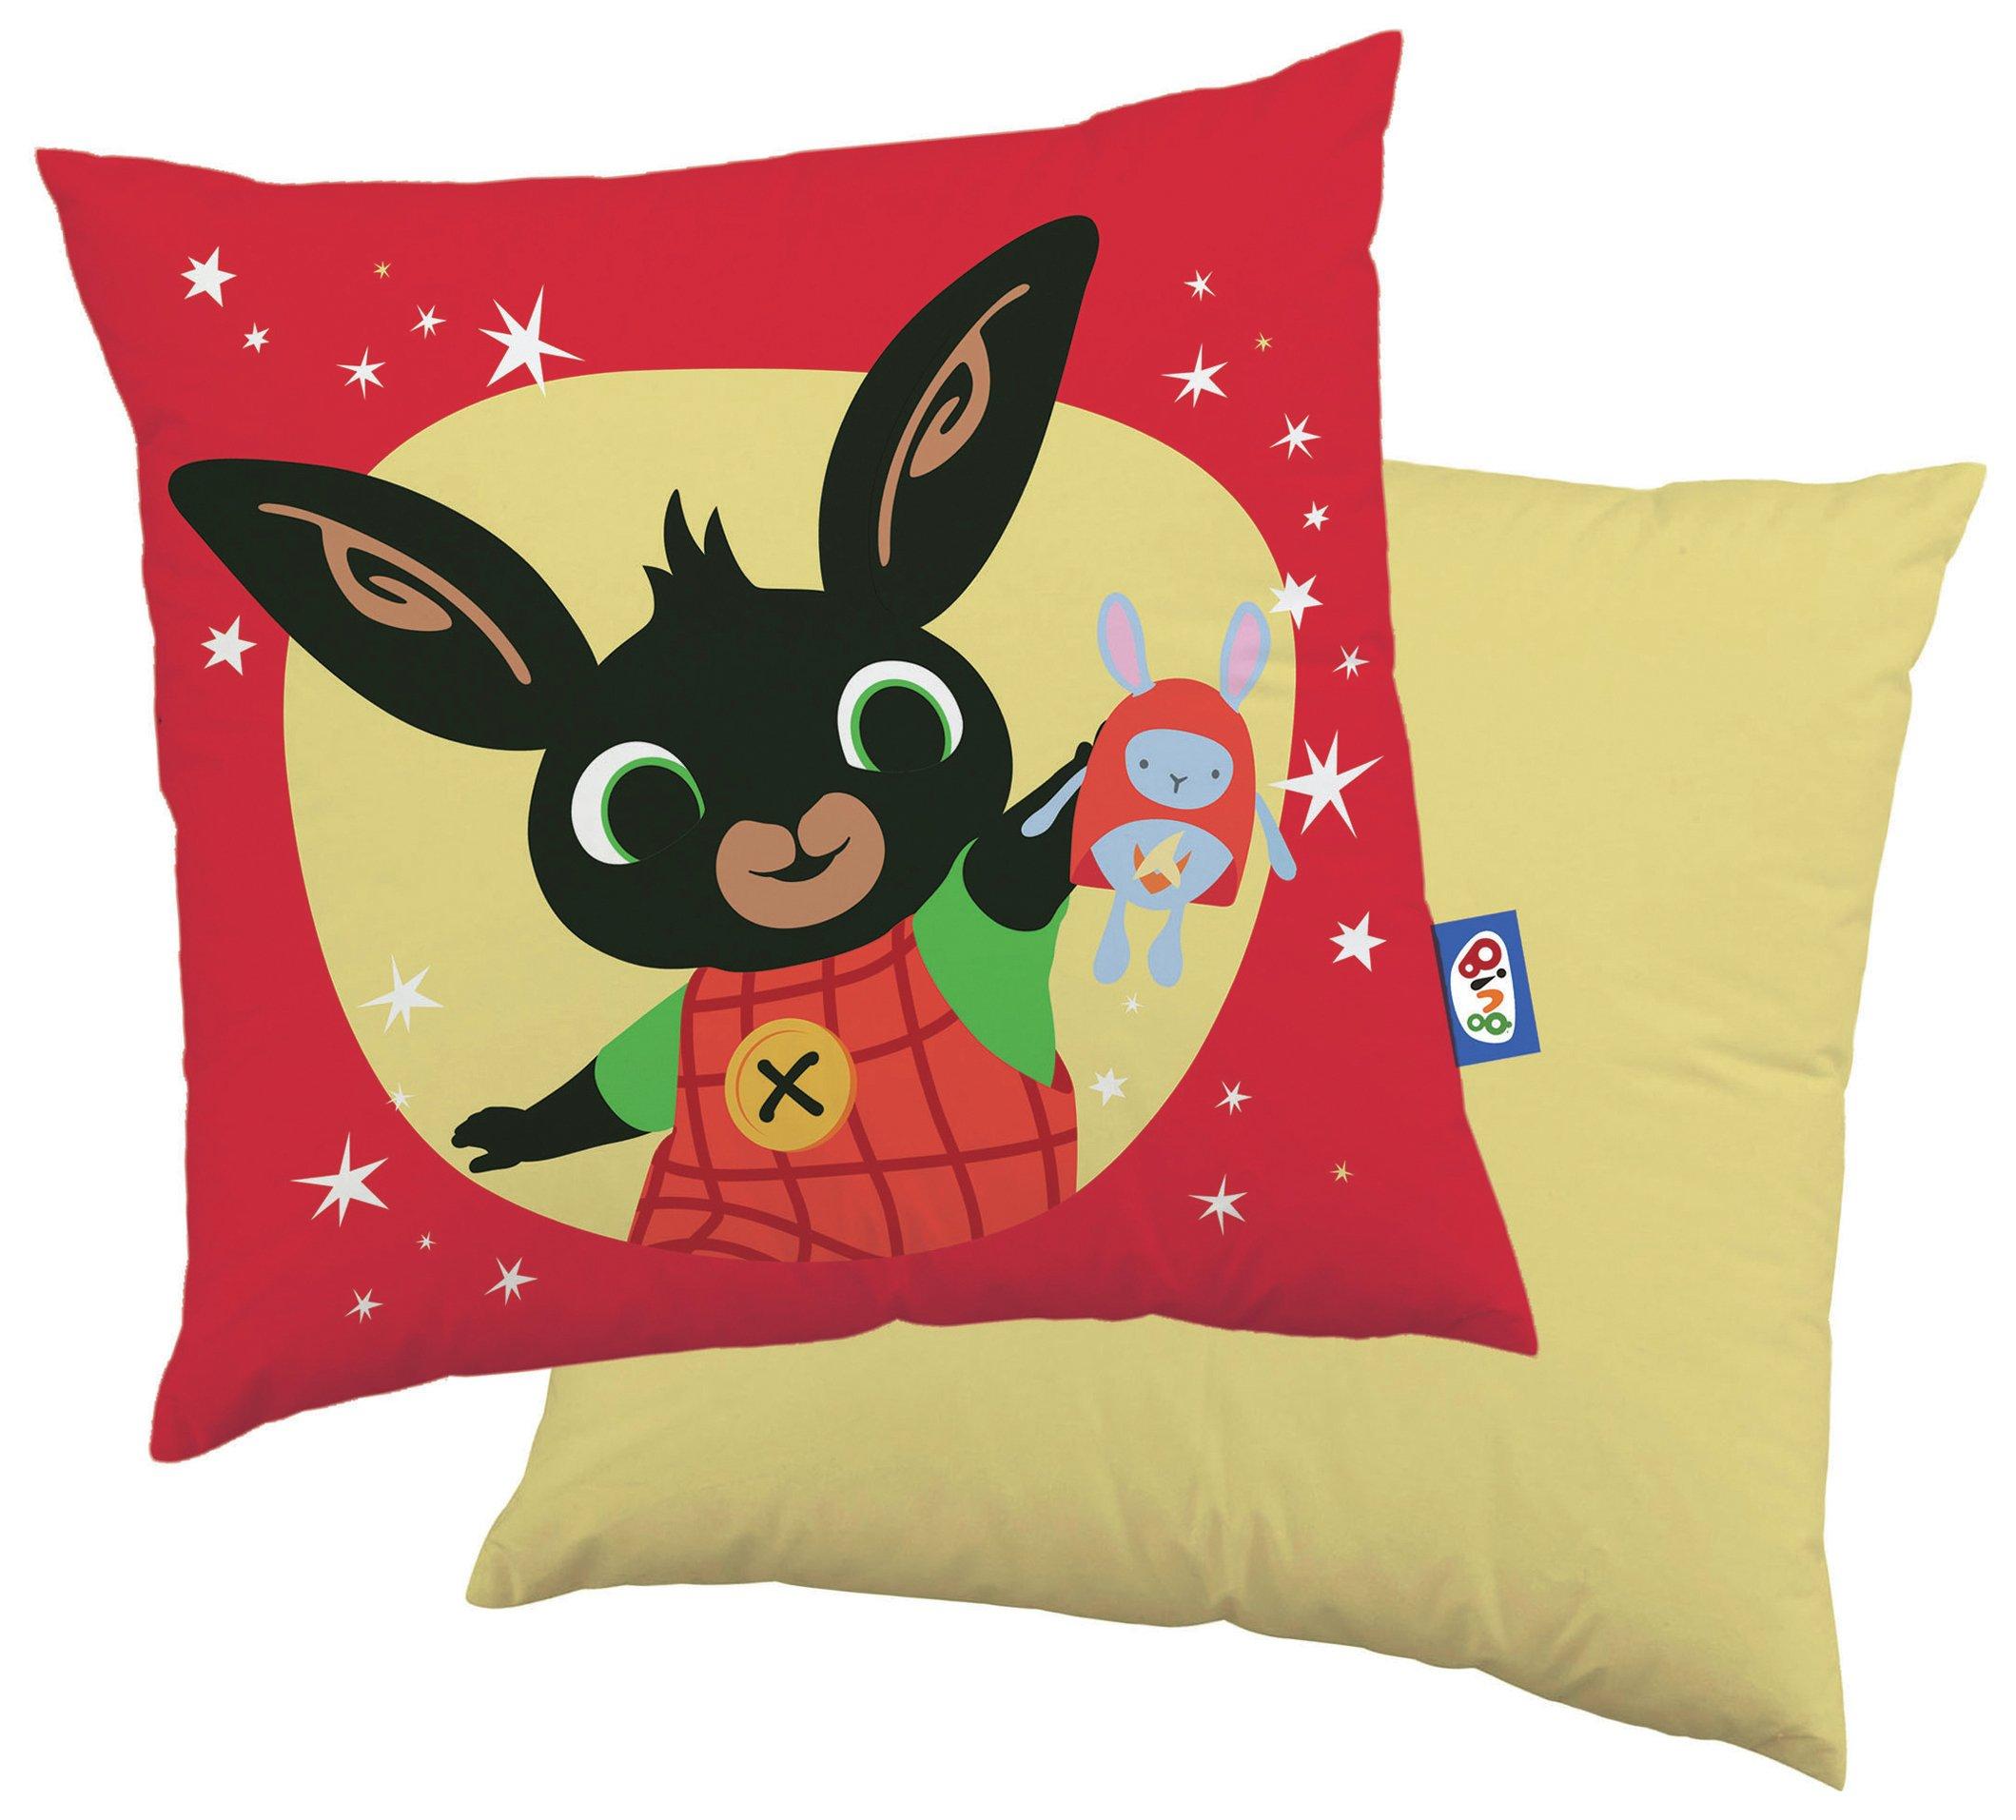 Image of Bing Bunny Plush Cushion.